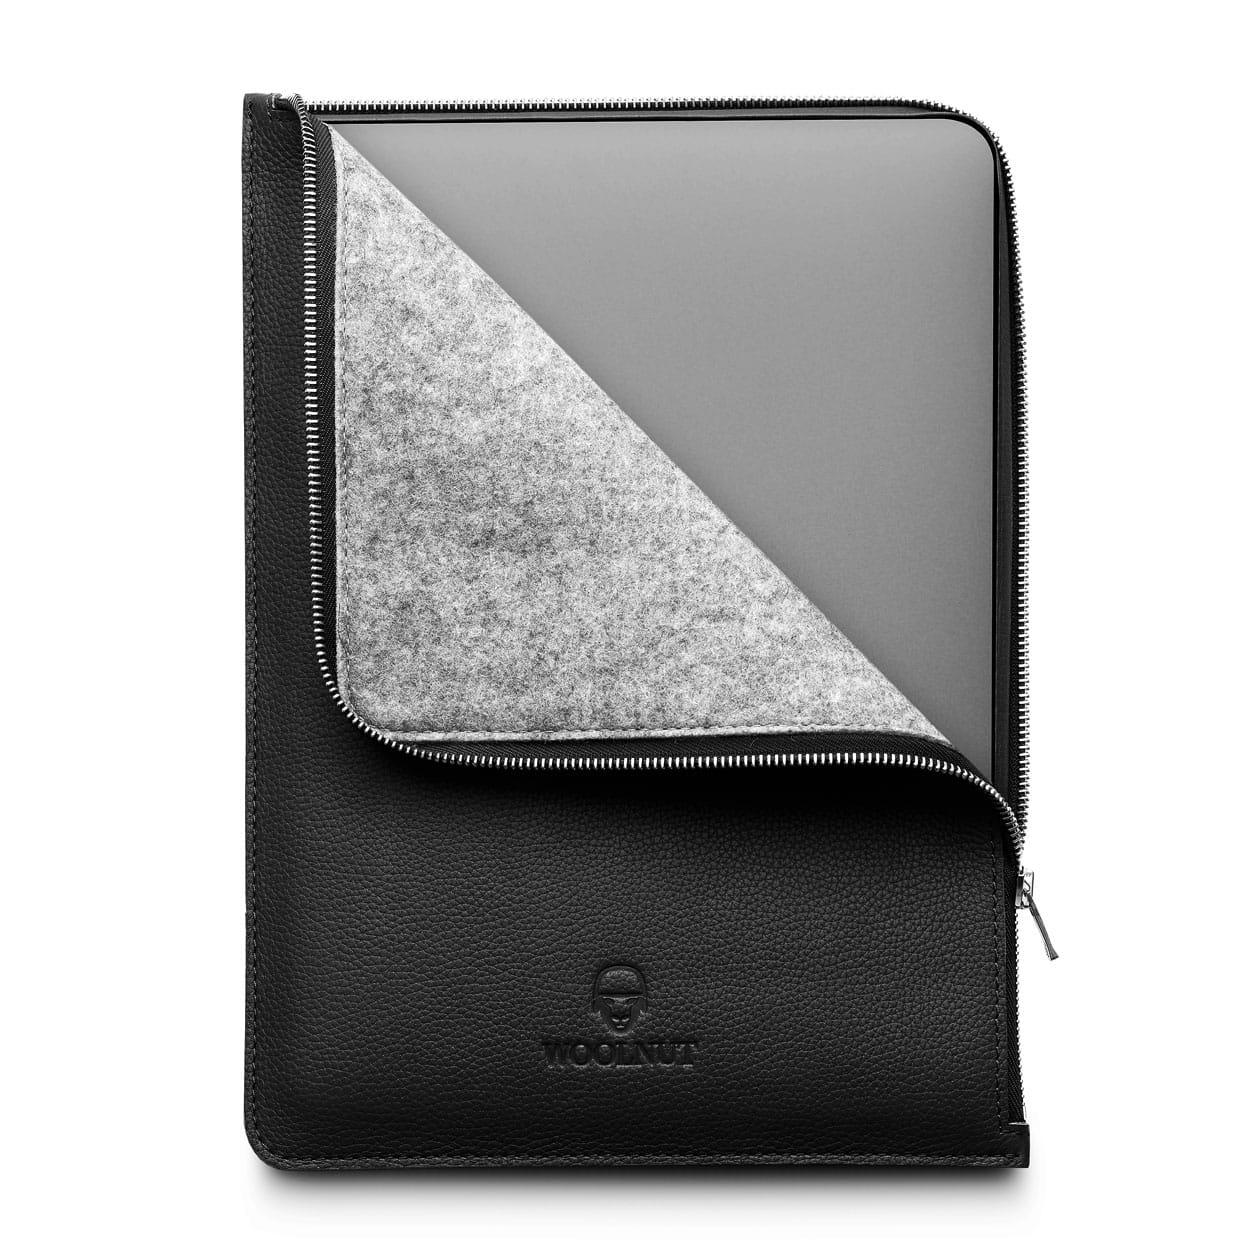 Woolnut MacBook Folio giveaway: A European delight: Scandinavian leather outside, German felted wool inside.